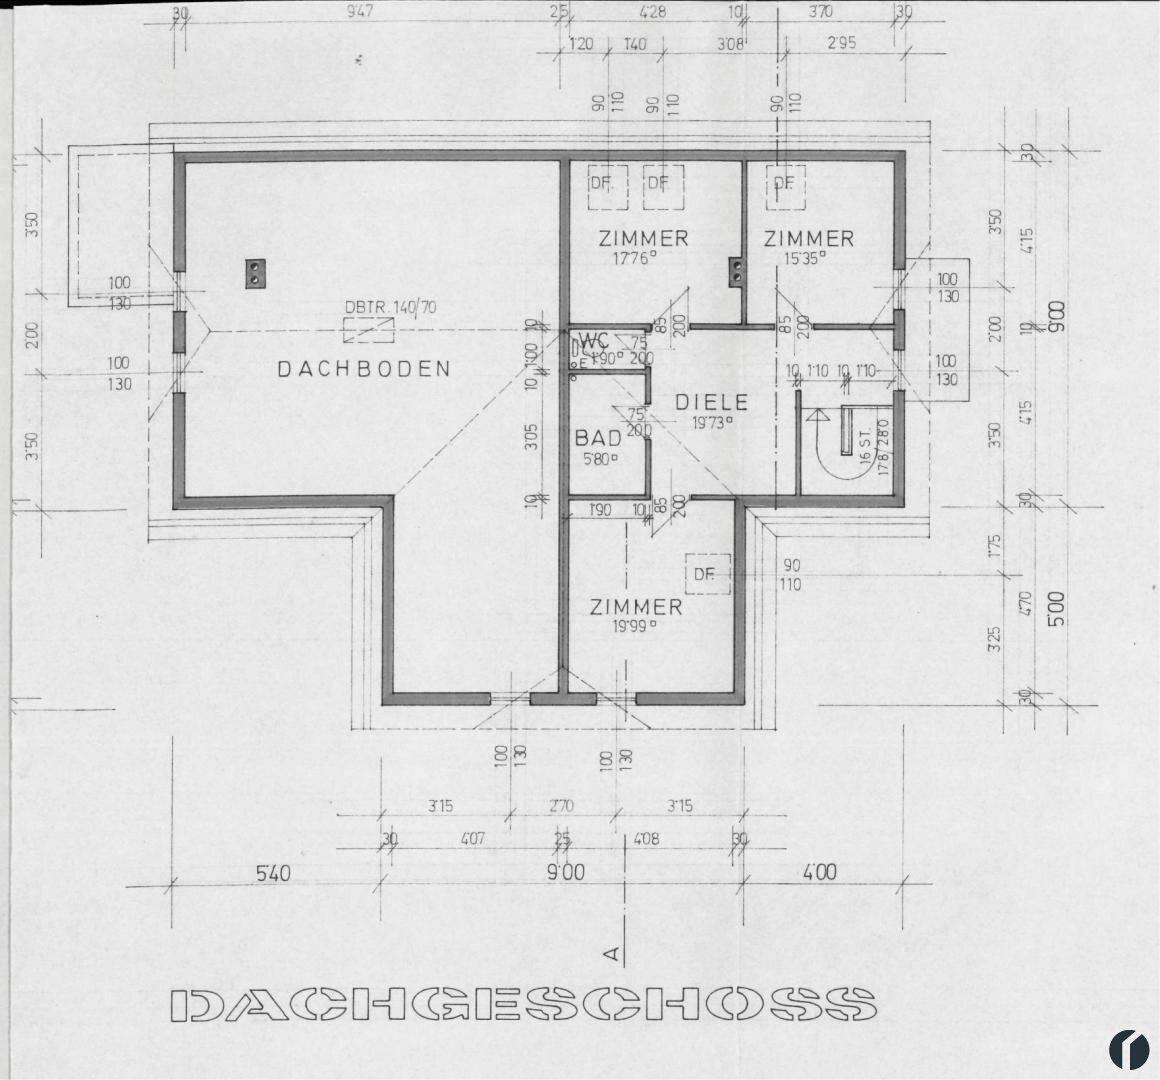 Gesamtübersicht Doppelhaus: Dachgeschoss